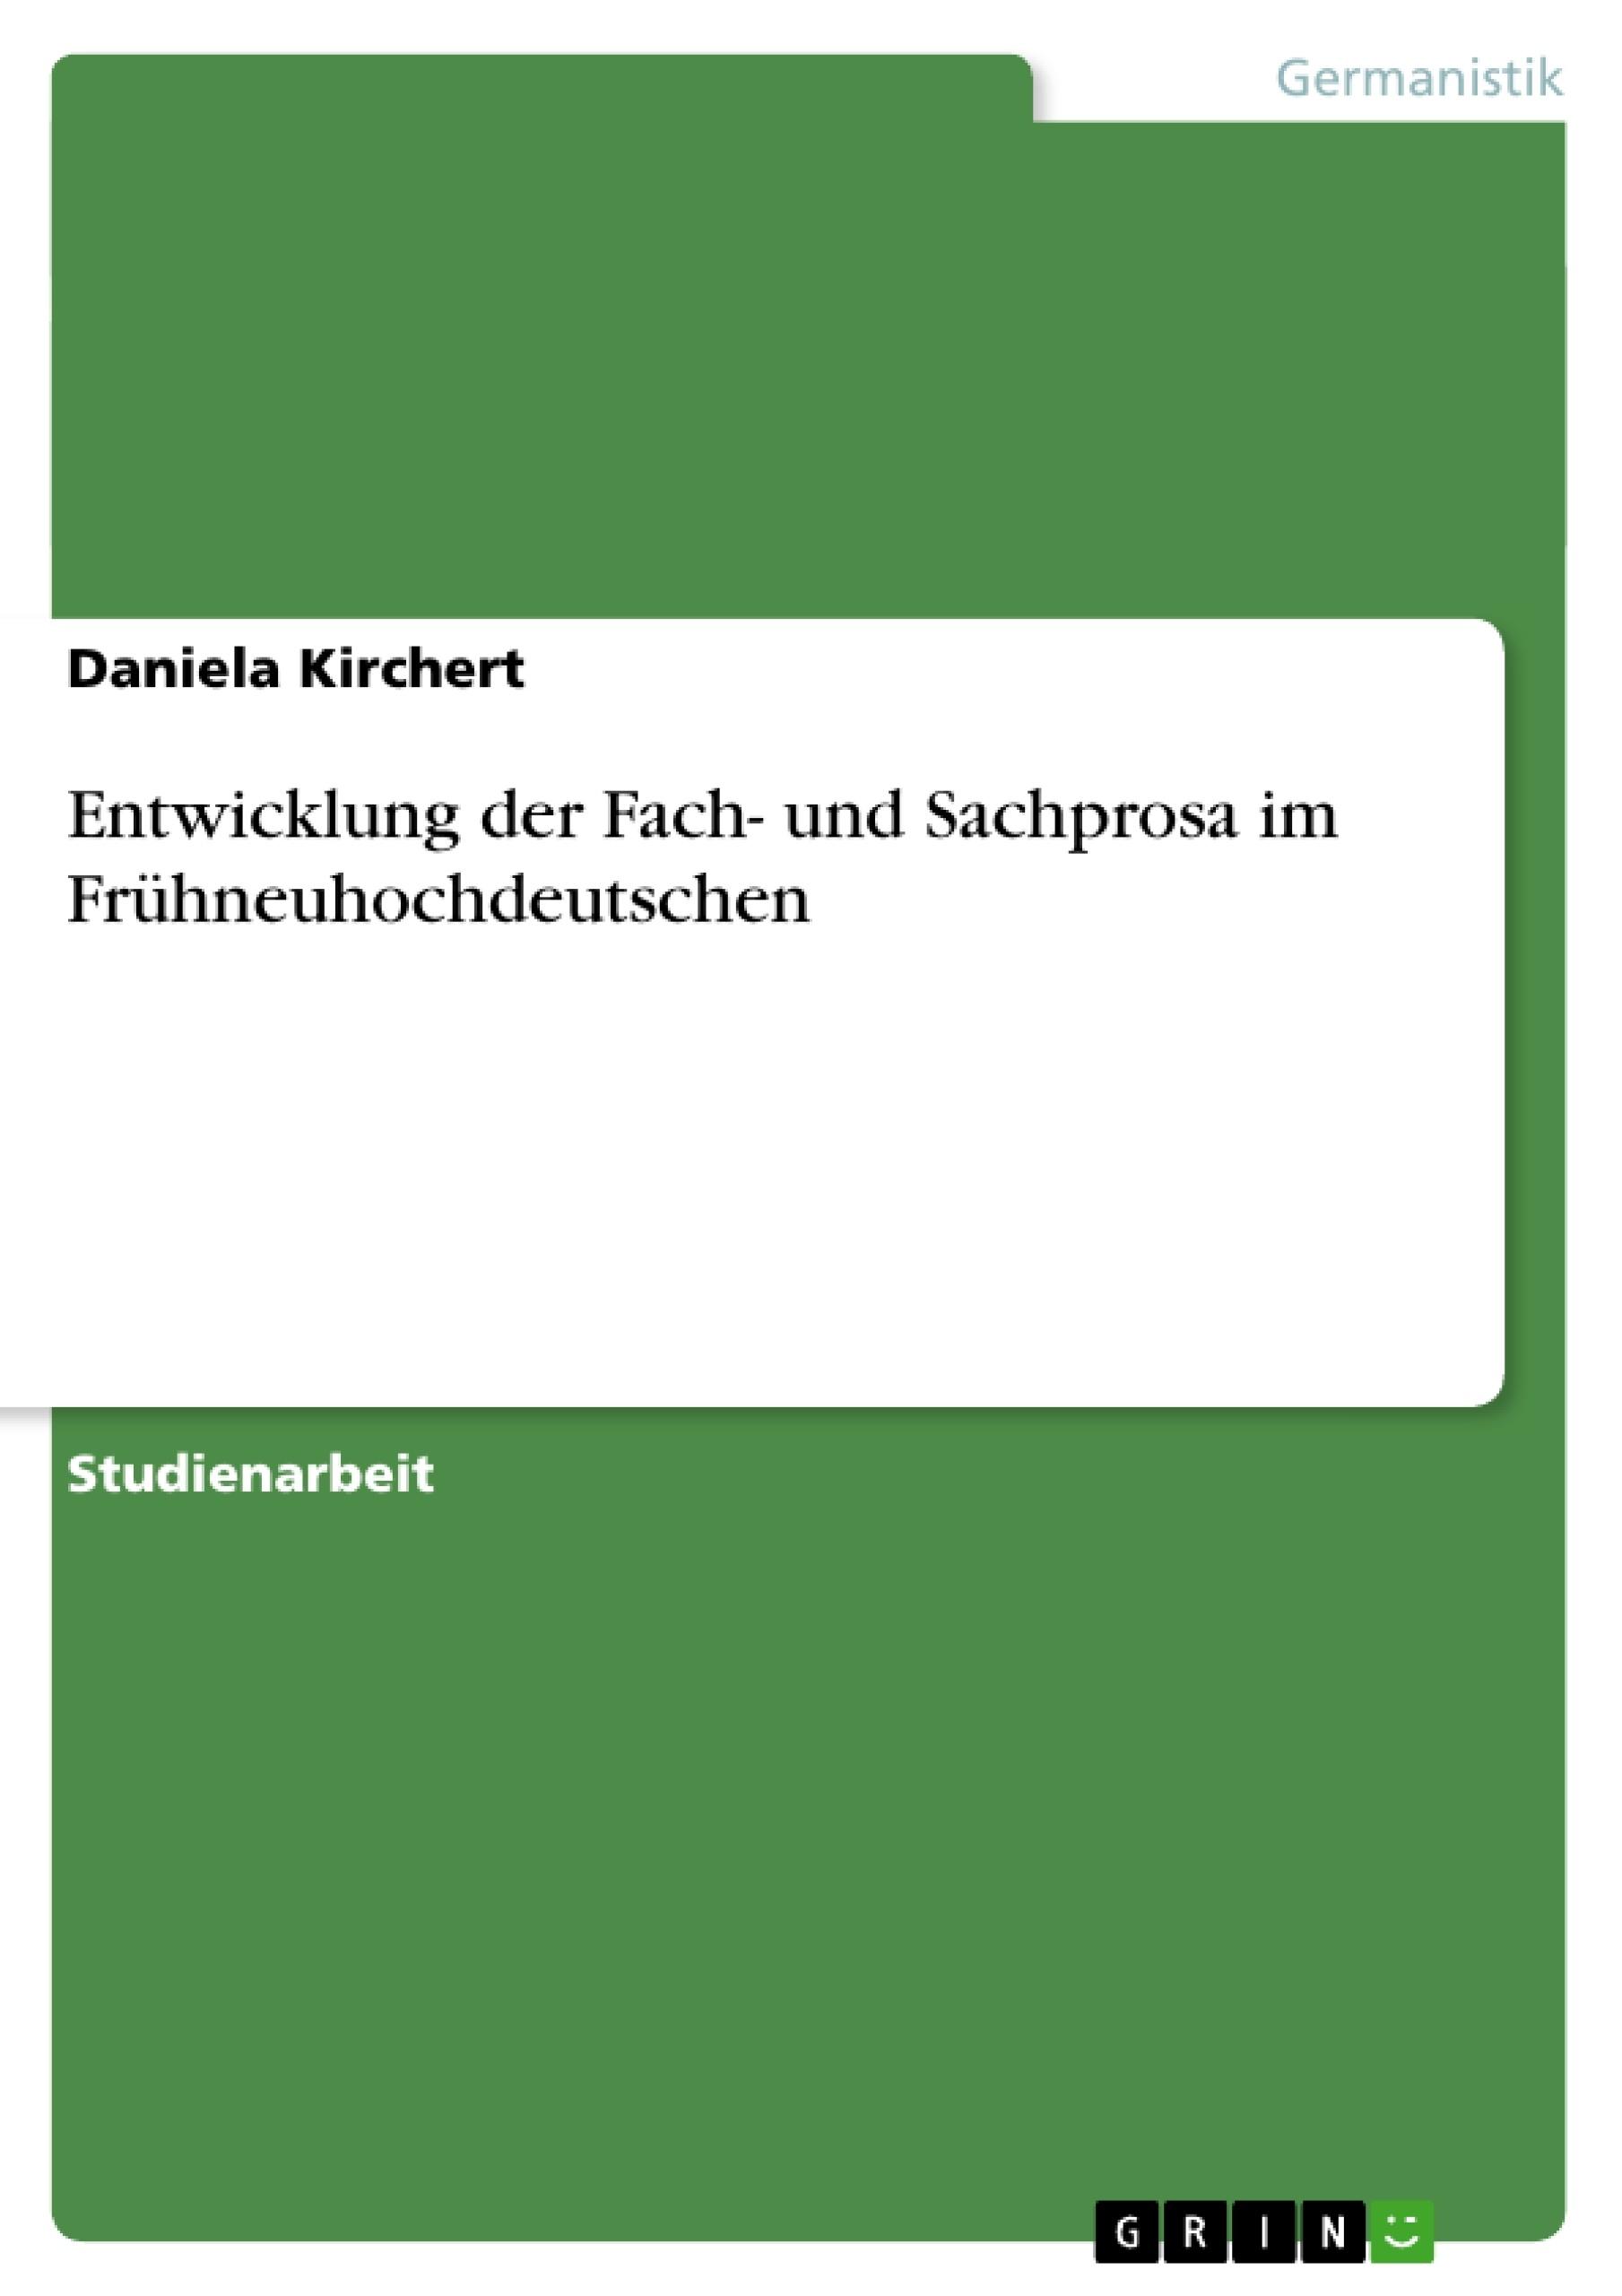 Titel: Entwicklung der Fach- und Sachprosa im Frühneuhochdeutschen